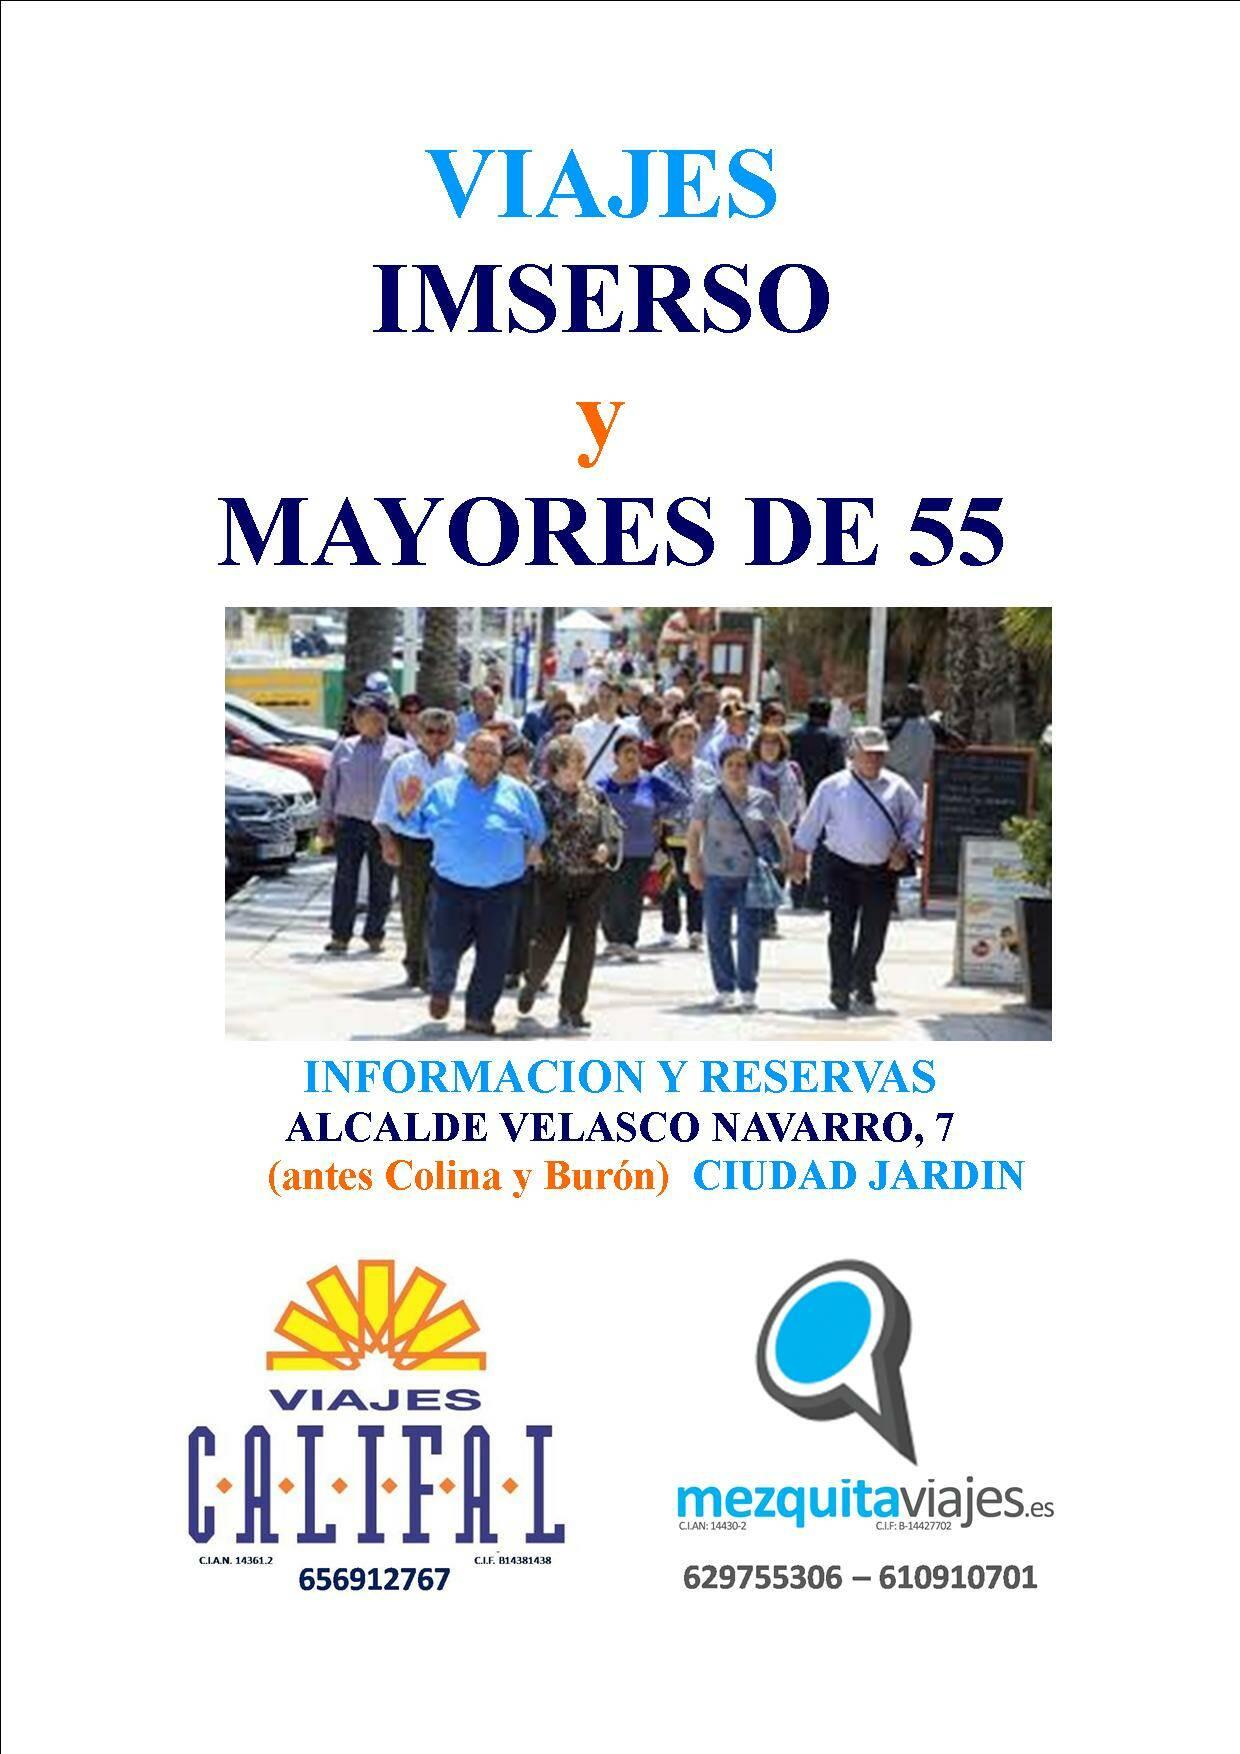 Imserso MAYORES DE 55